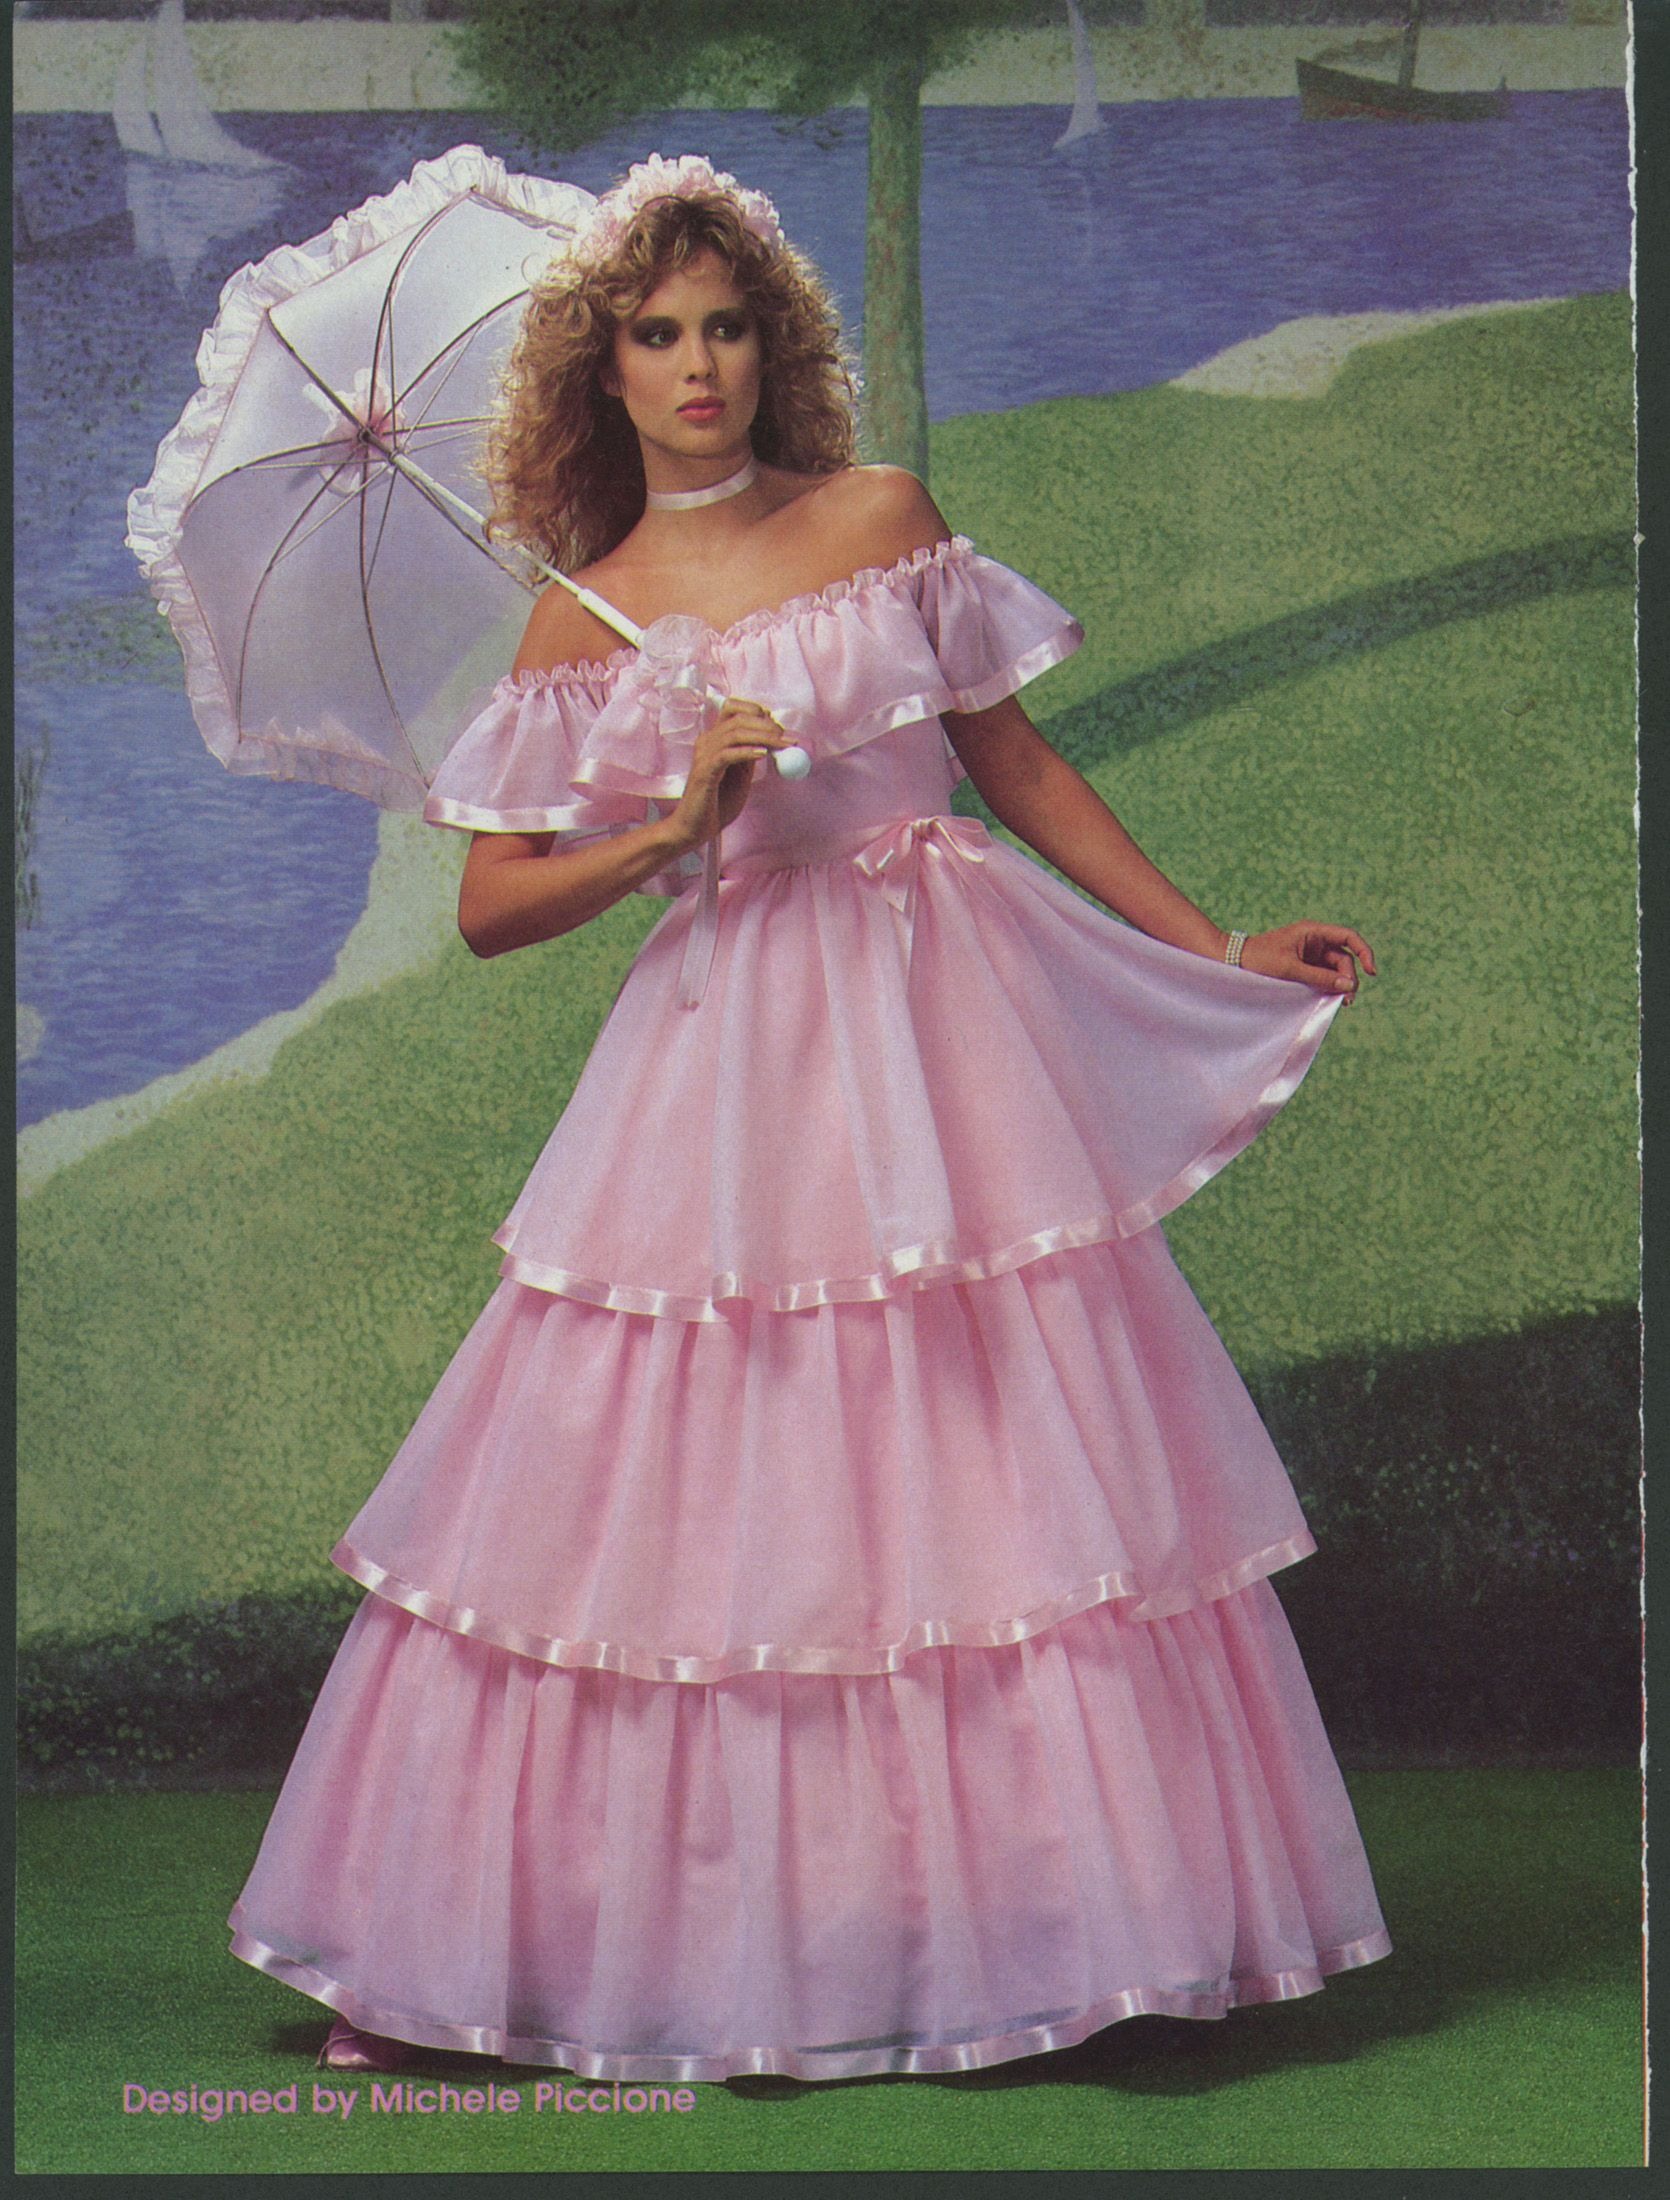 Brides Dec 1984 Jan 1985 80s Prom Dress Pretty Dresses Beautiful Dresses [ 2200 x 1670 Pixel ]